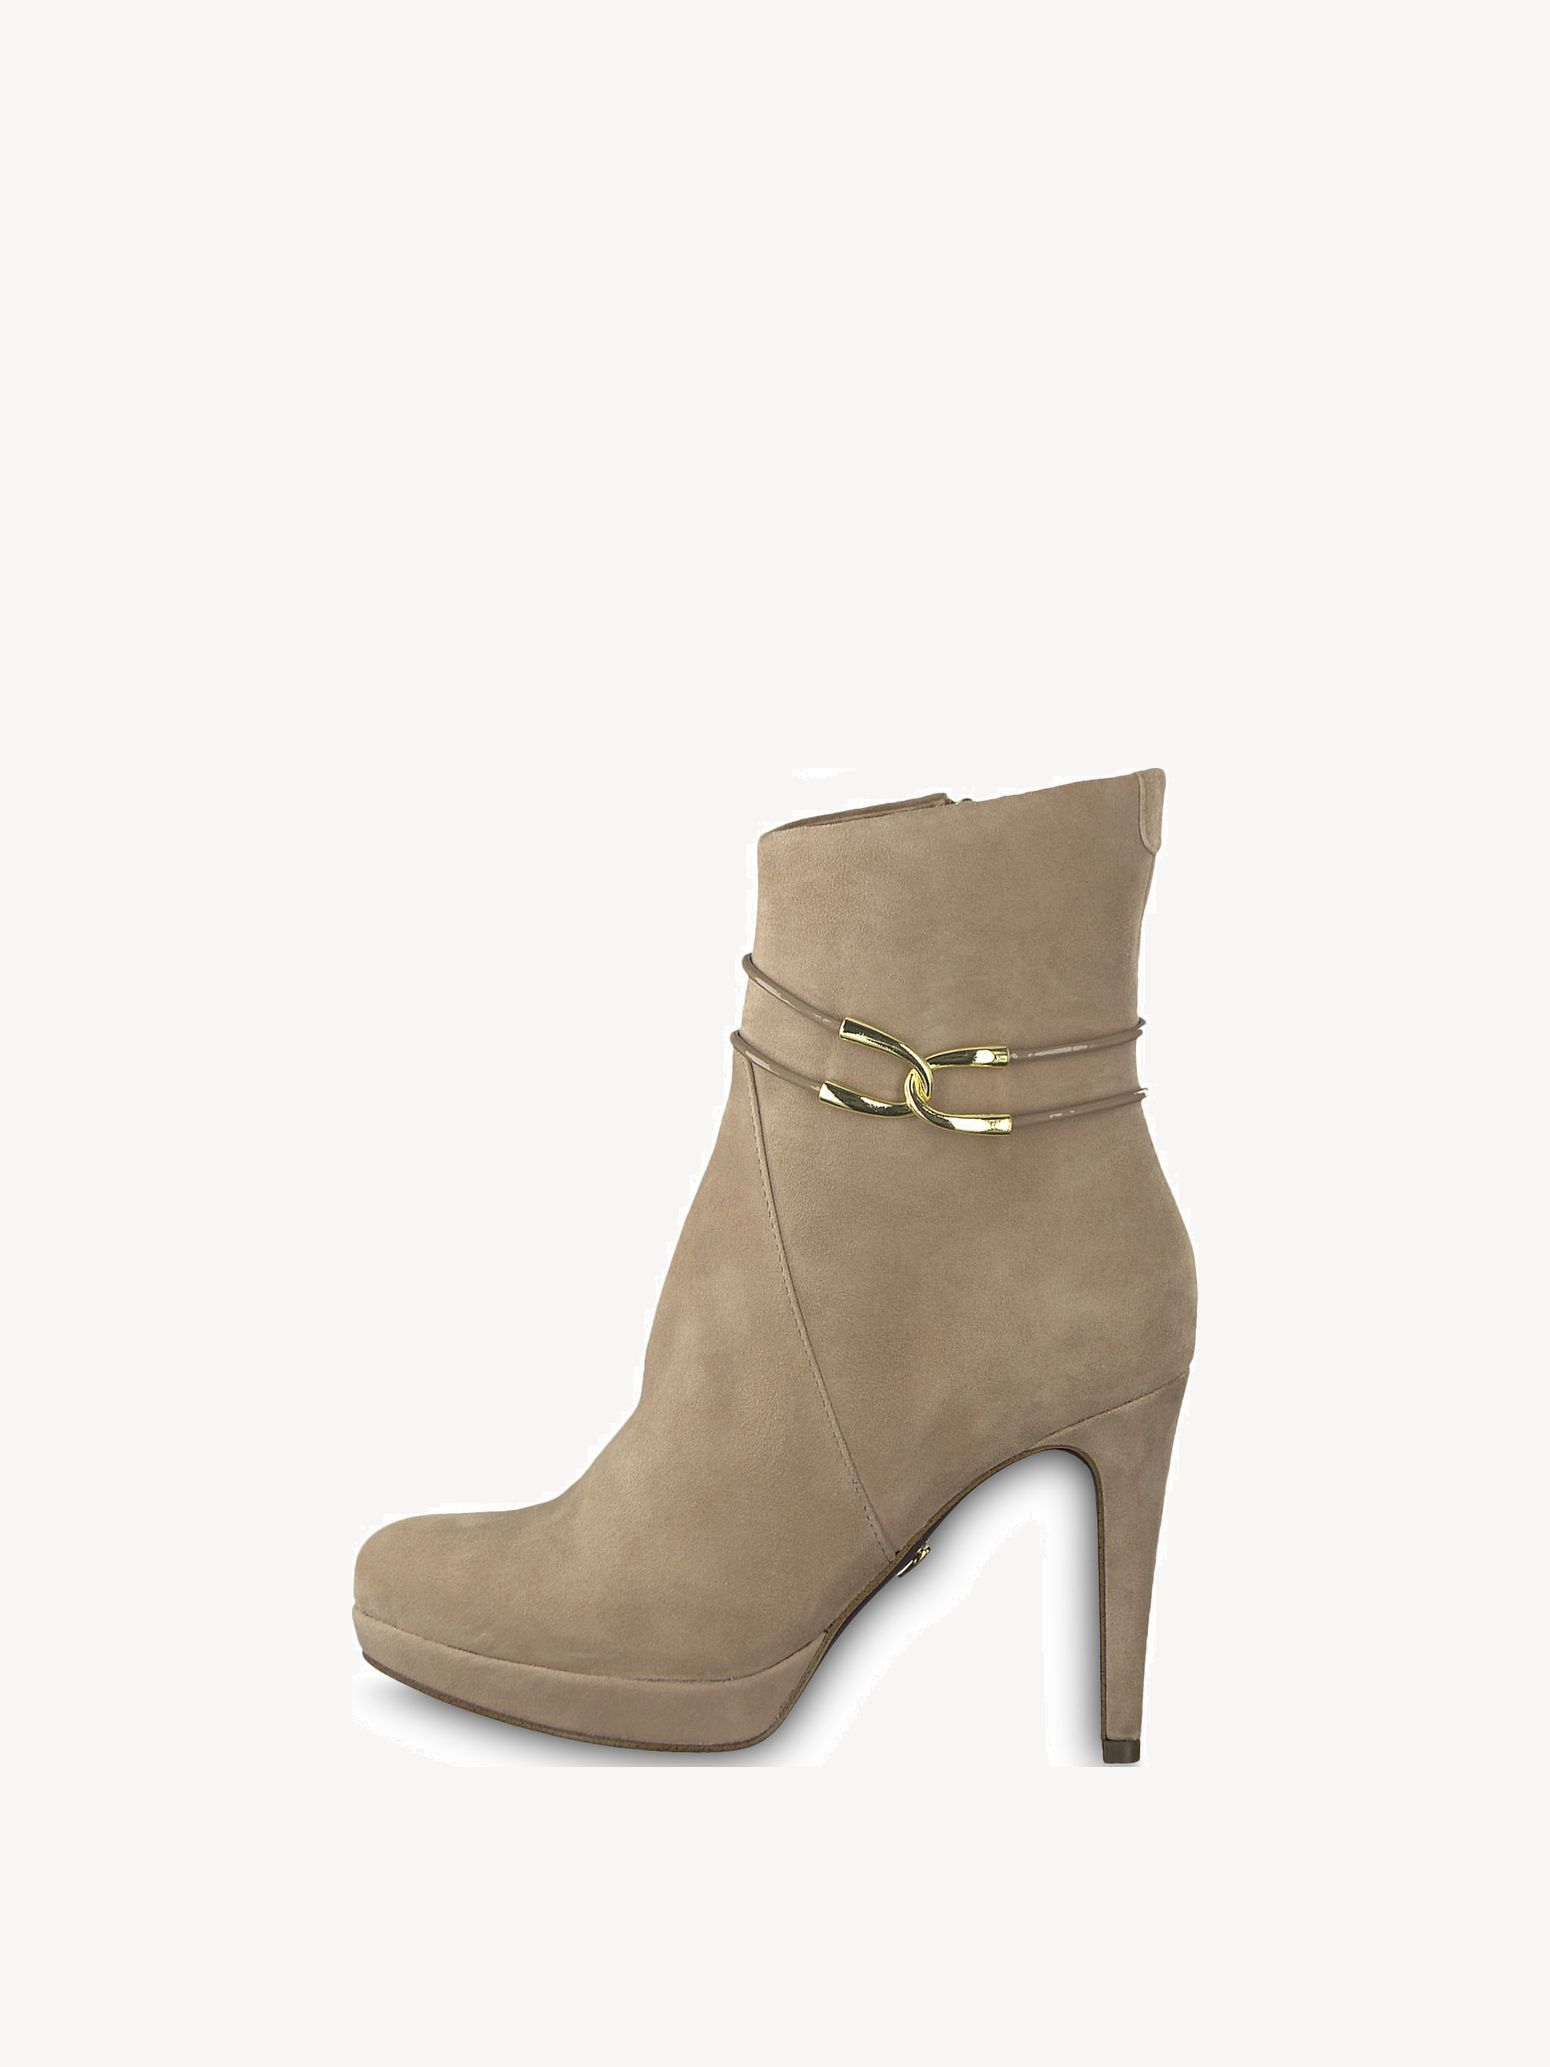 db638c92dadfe6 Ameliee 1-1-25391-21  Buy Tamaris Booties online!